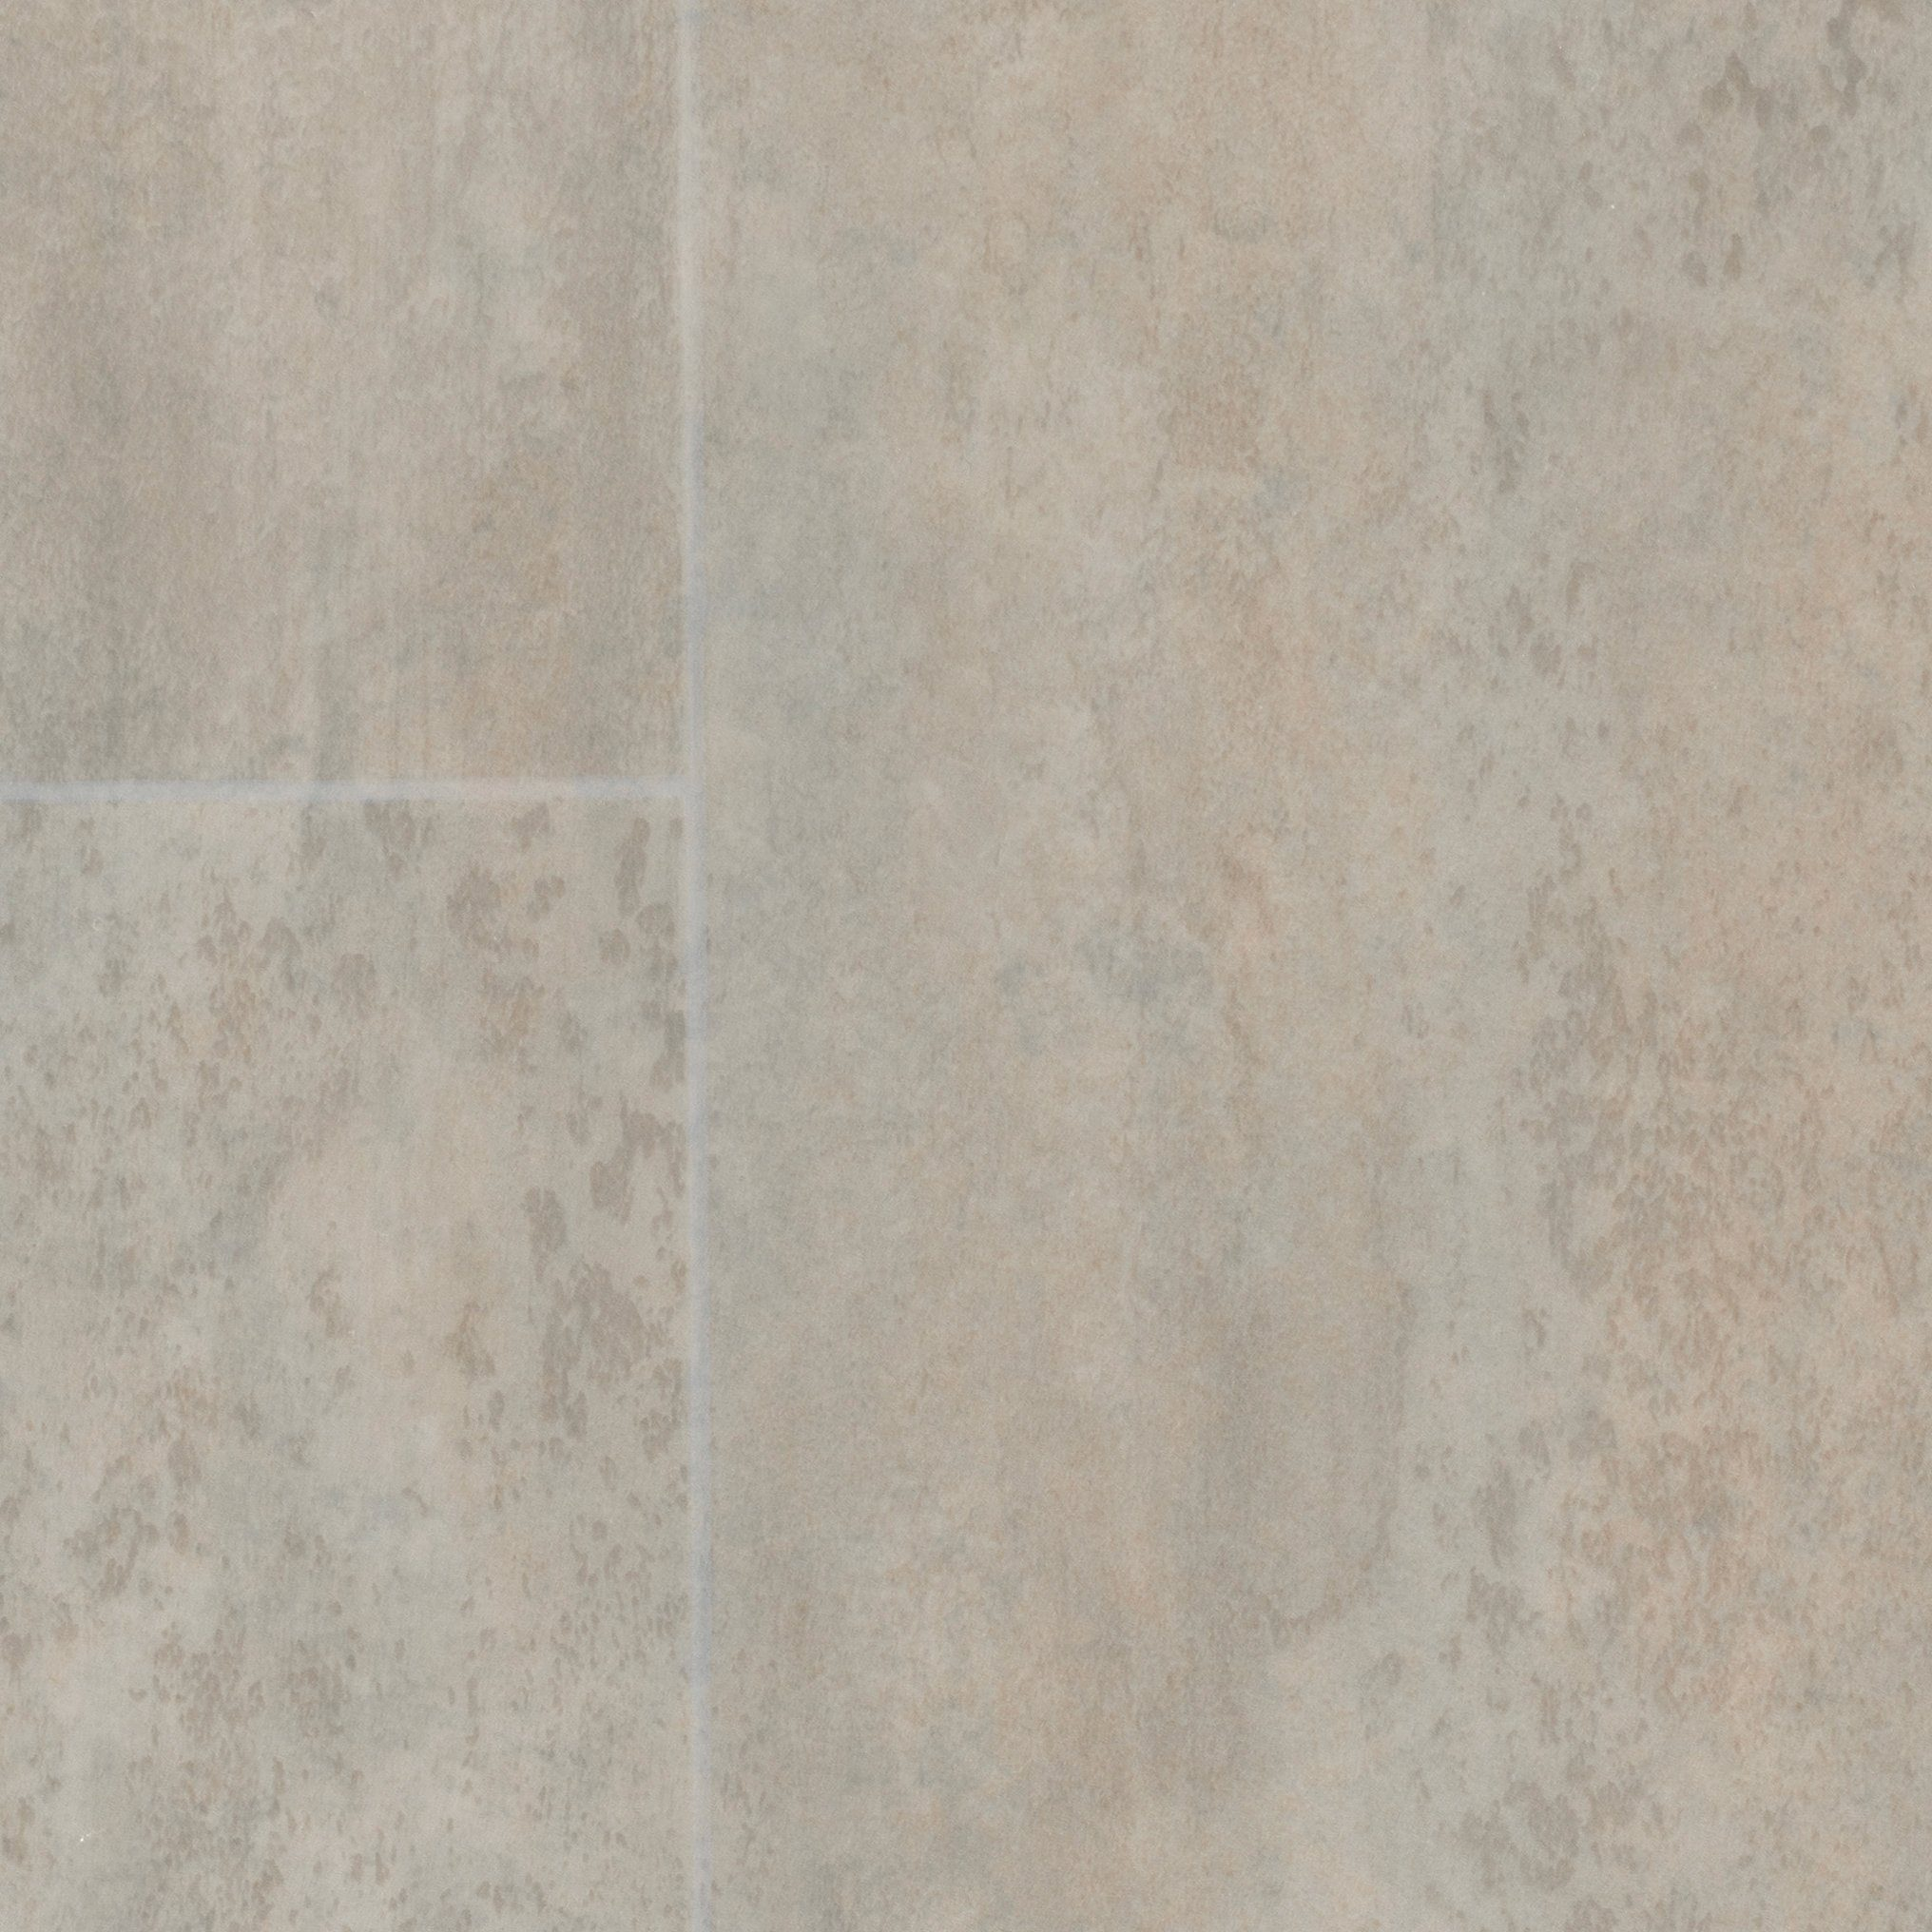 verschiedene Gr/ö/ßen PVC Bodenbelag Steinoptik Betonoptik sand beige 300 und 400 cm Breite Meterware 200 Gr/ö/ße: 3 x 4 m